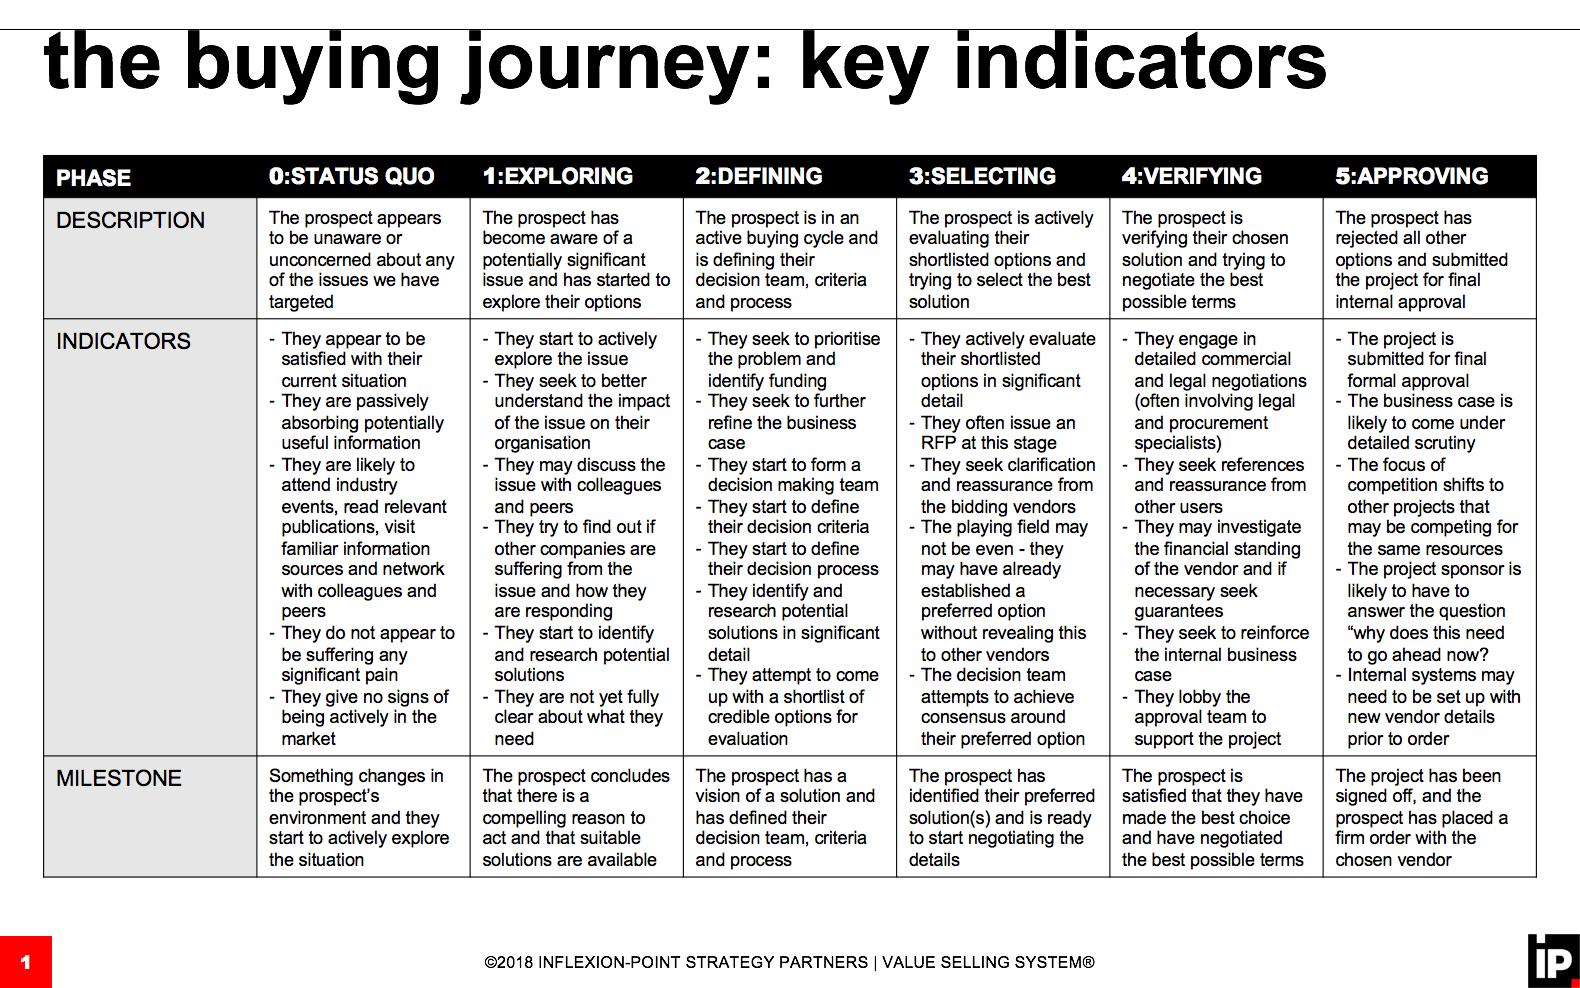 Buying Journey Key Indicators.png